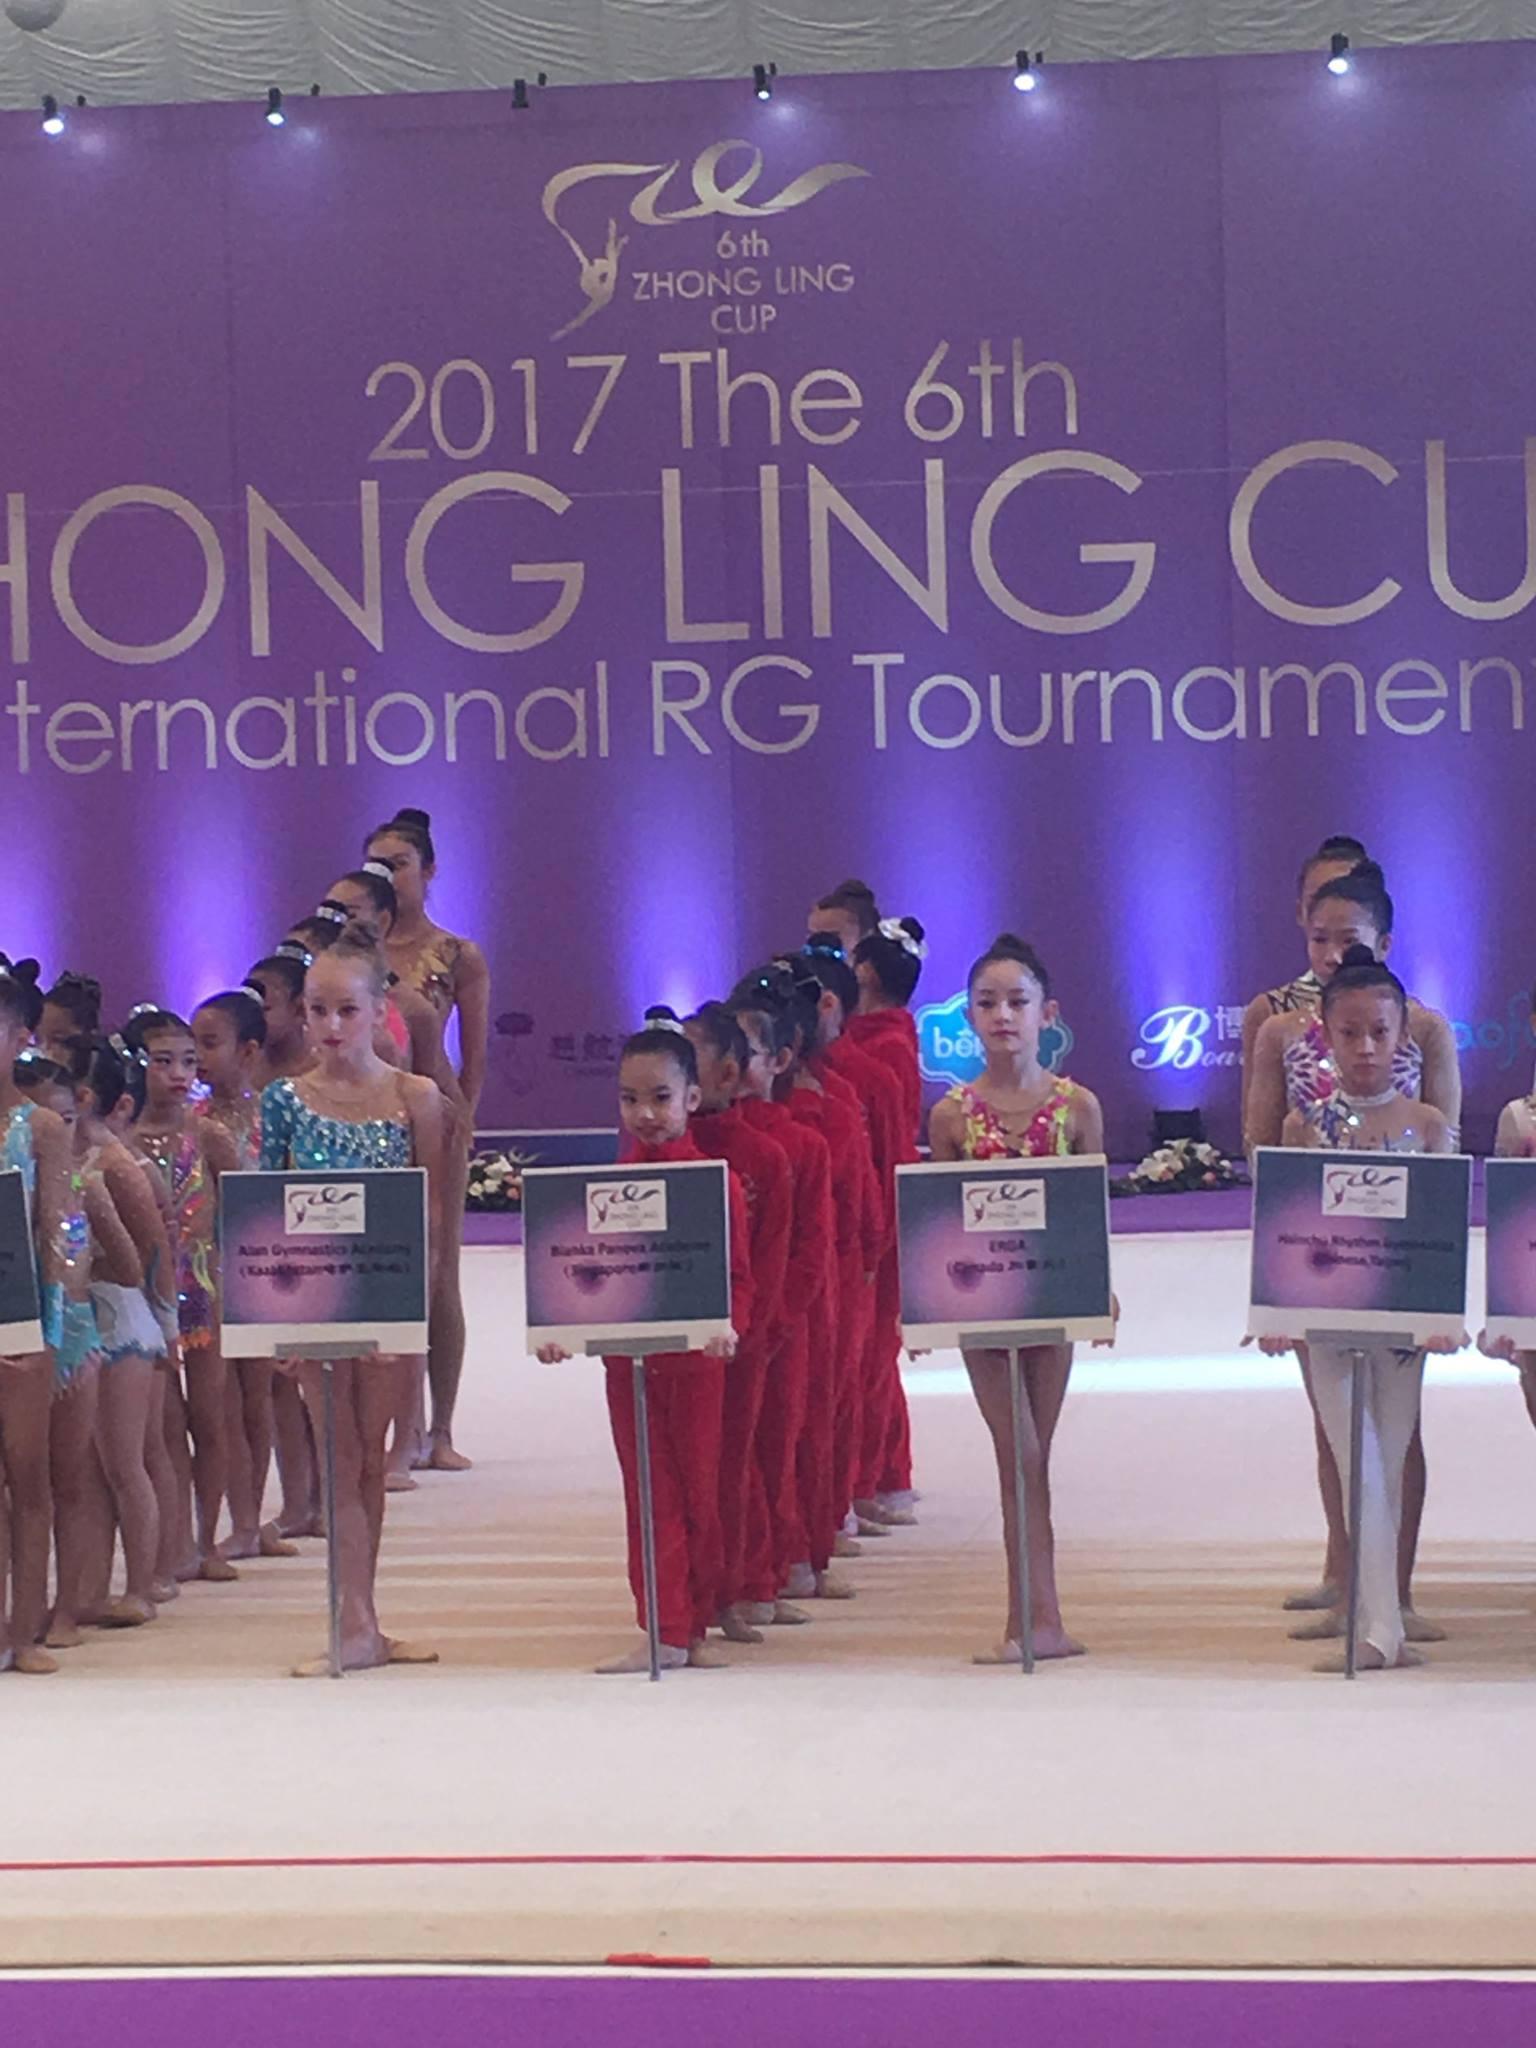 6th Zhong Ling Cup 2017 10